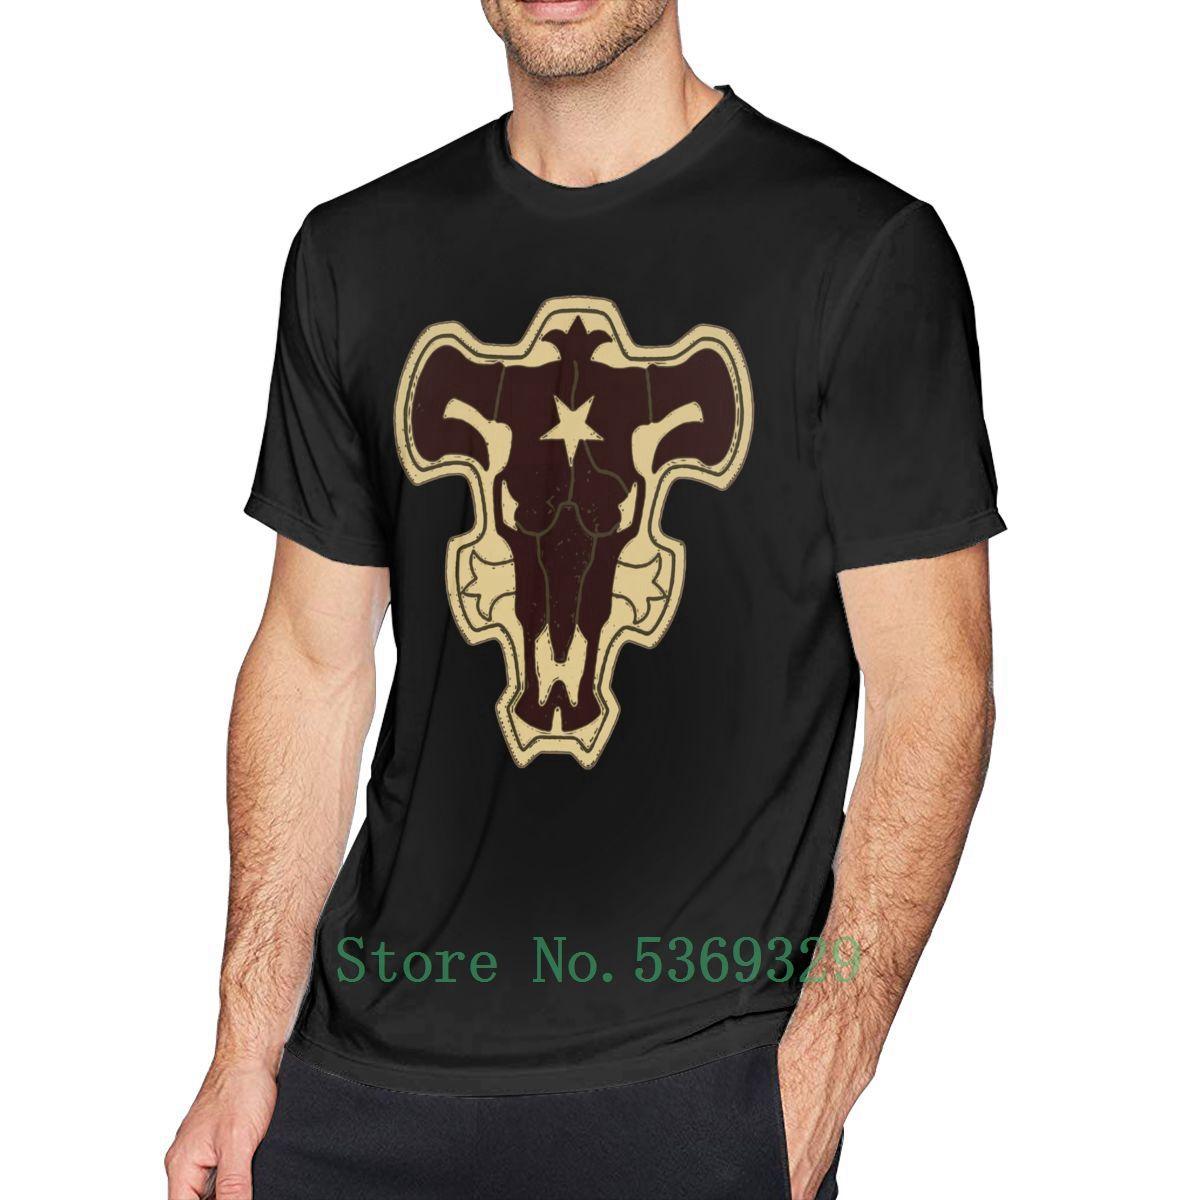 Schwarz-Klee-T-Shirt Black Bull-Gruppen-T-Shirt Kurz-Hülse 100 Prozent lustige T-Shirt aus 100% Baumwolle T-Shirt